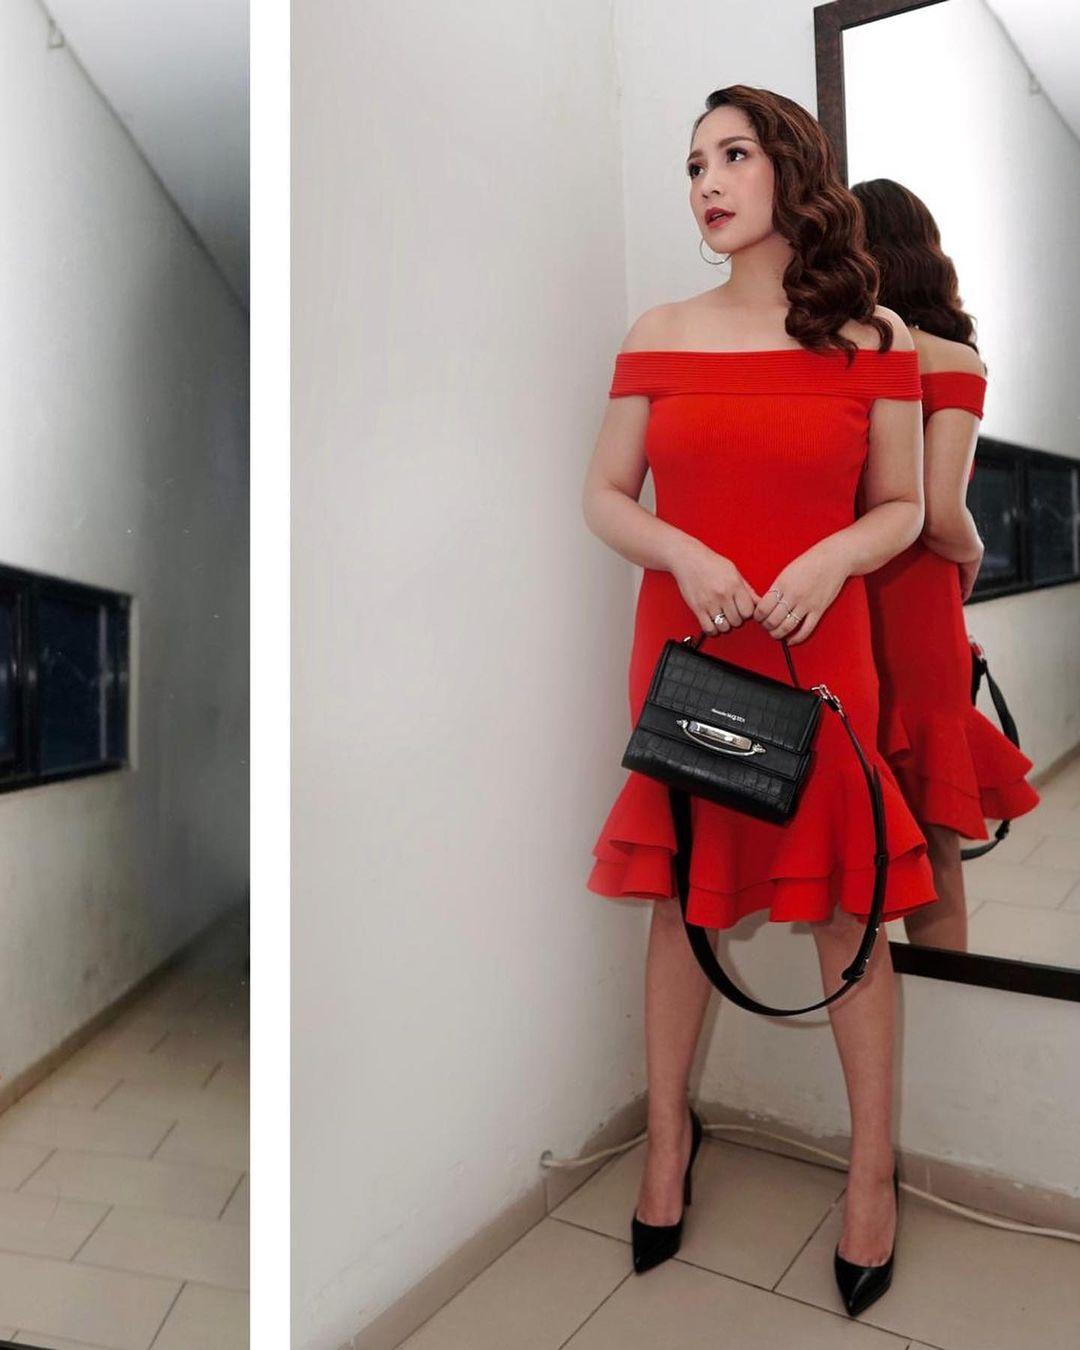 Pakaian merah sensual Nagita Slavina